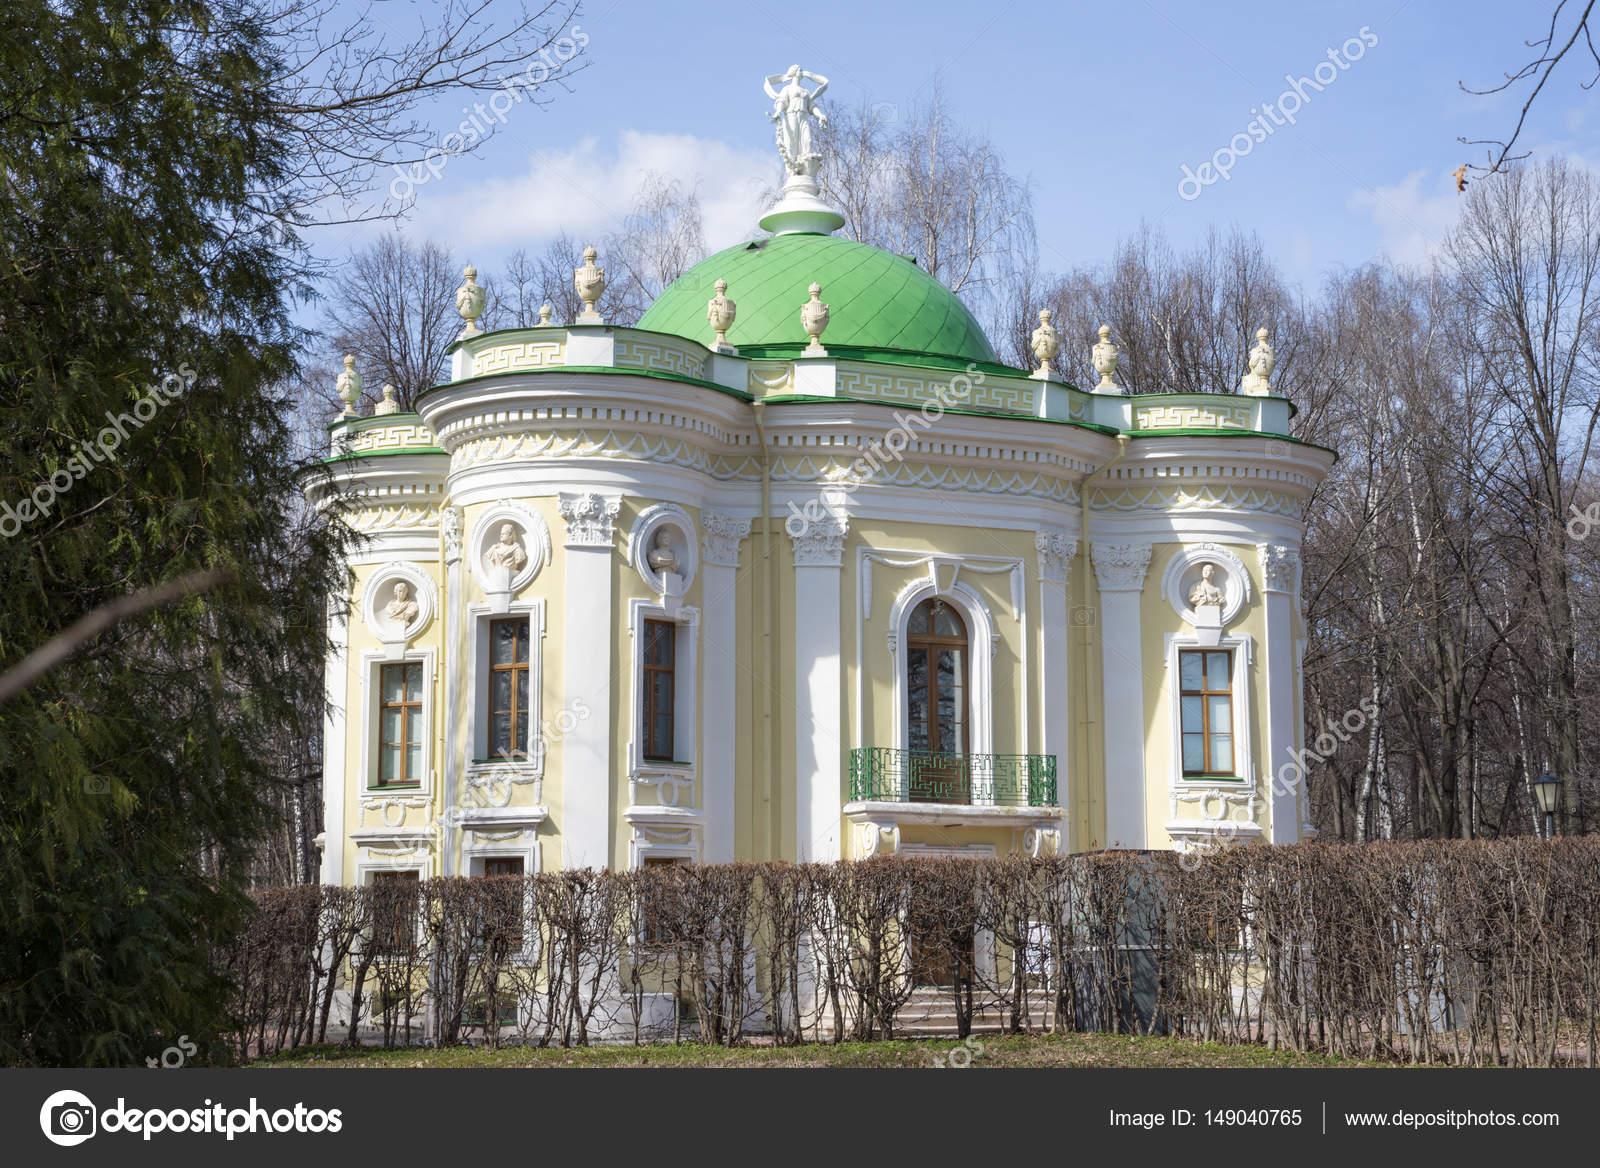 Eremitage Pavillon Im Englischen Garten Von Kuskowo Moskau